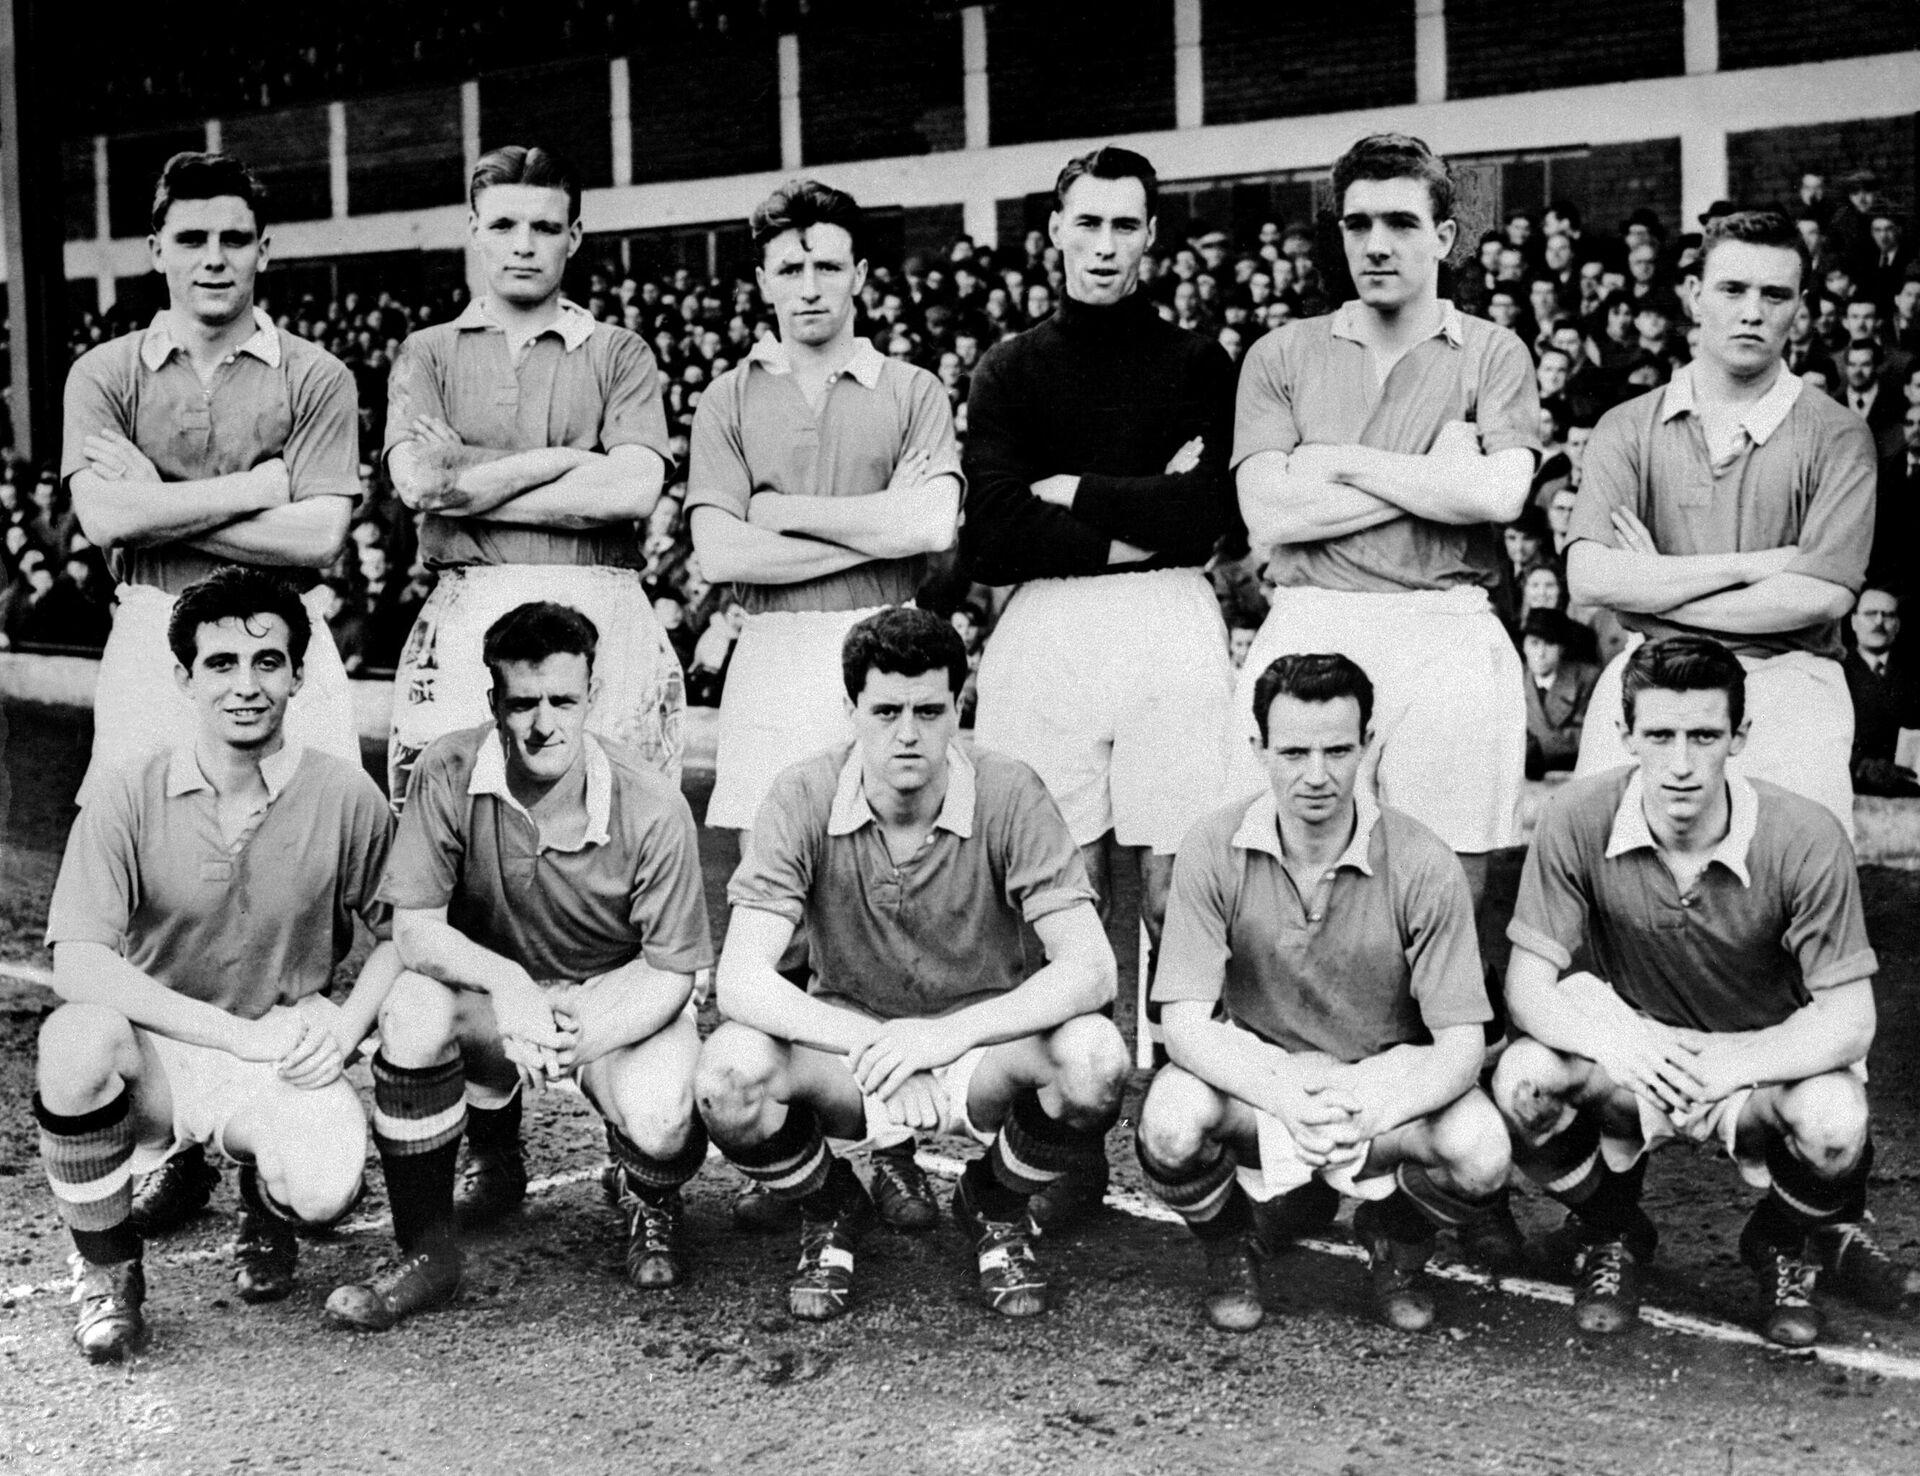 Футболисты Манчестер Юнайтед образца 1956 года:  верхий ряд слева направо: Деннис Вайолет, Джонни Берри, Томми Тэйлор (погиб), Лайам Уилан (погиб), Дэвиэ Пегг (погиб); нижний ряд слева направо: Эдди Колман (погиб), Уильям Фоулкс, Рэй Вуд, Роджер Берн (погиб), Мак Джонса (погиб) и Данкан Эдвардс (погиб) - РИА Новости, 1920, 06.02.2020